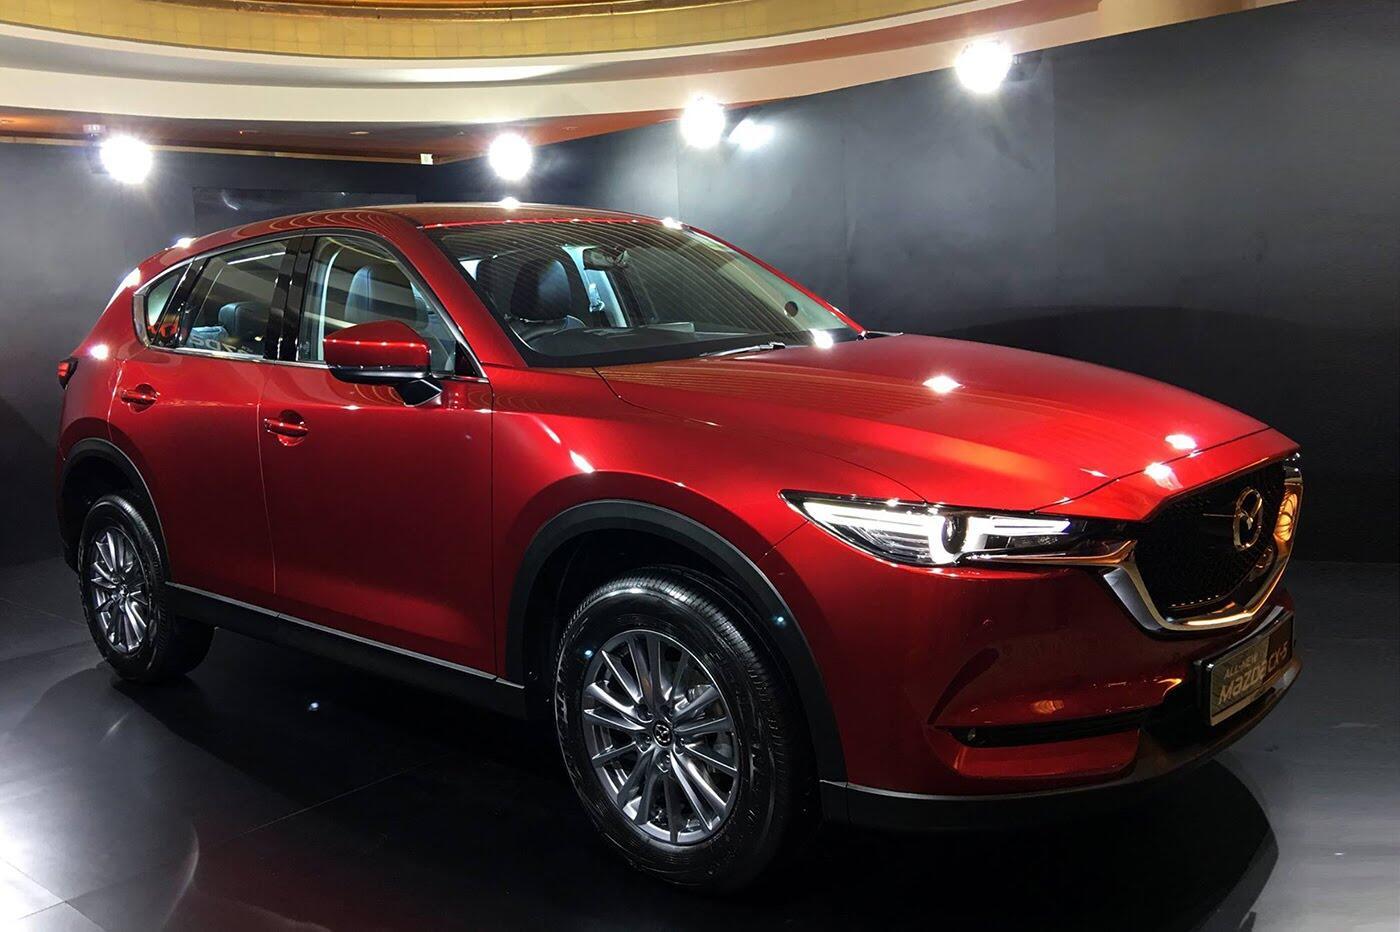 Mazda CX-5 thế hệ mới ra mắt tại Singapore, giá từ 105.433 USD - Hình 2